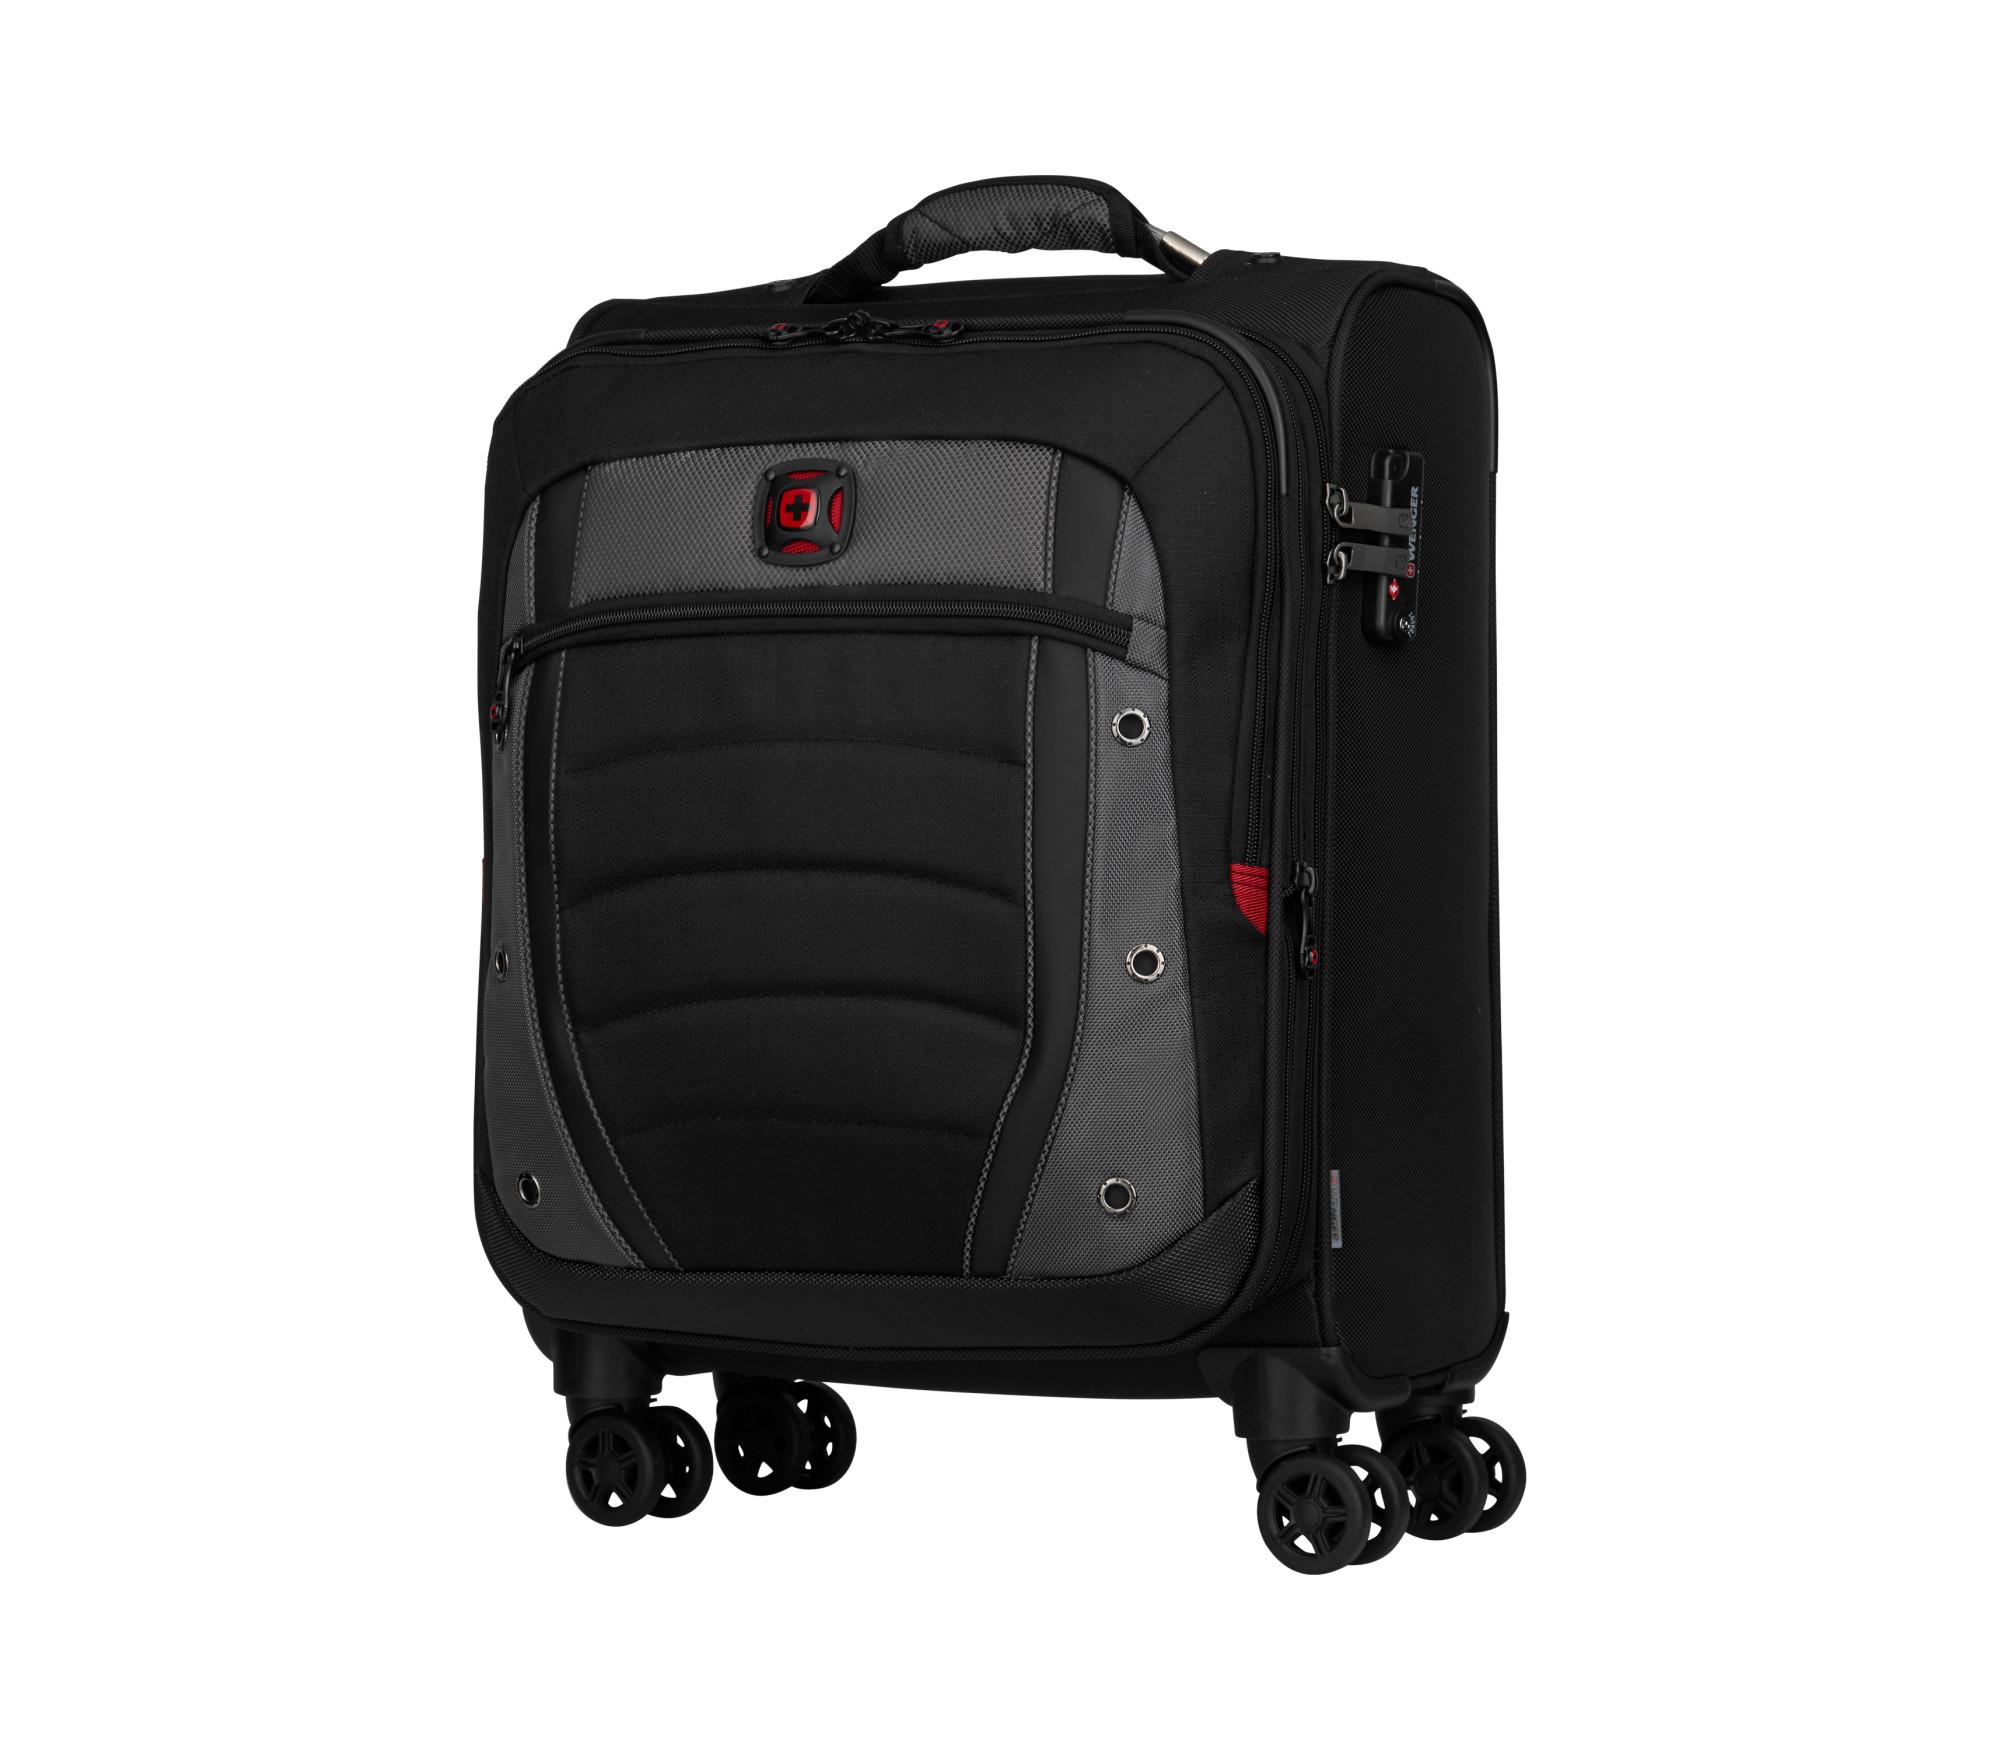 Wenger/SwissGear 604377 luggage bag Trolley Black,Grey 42 L